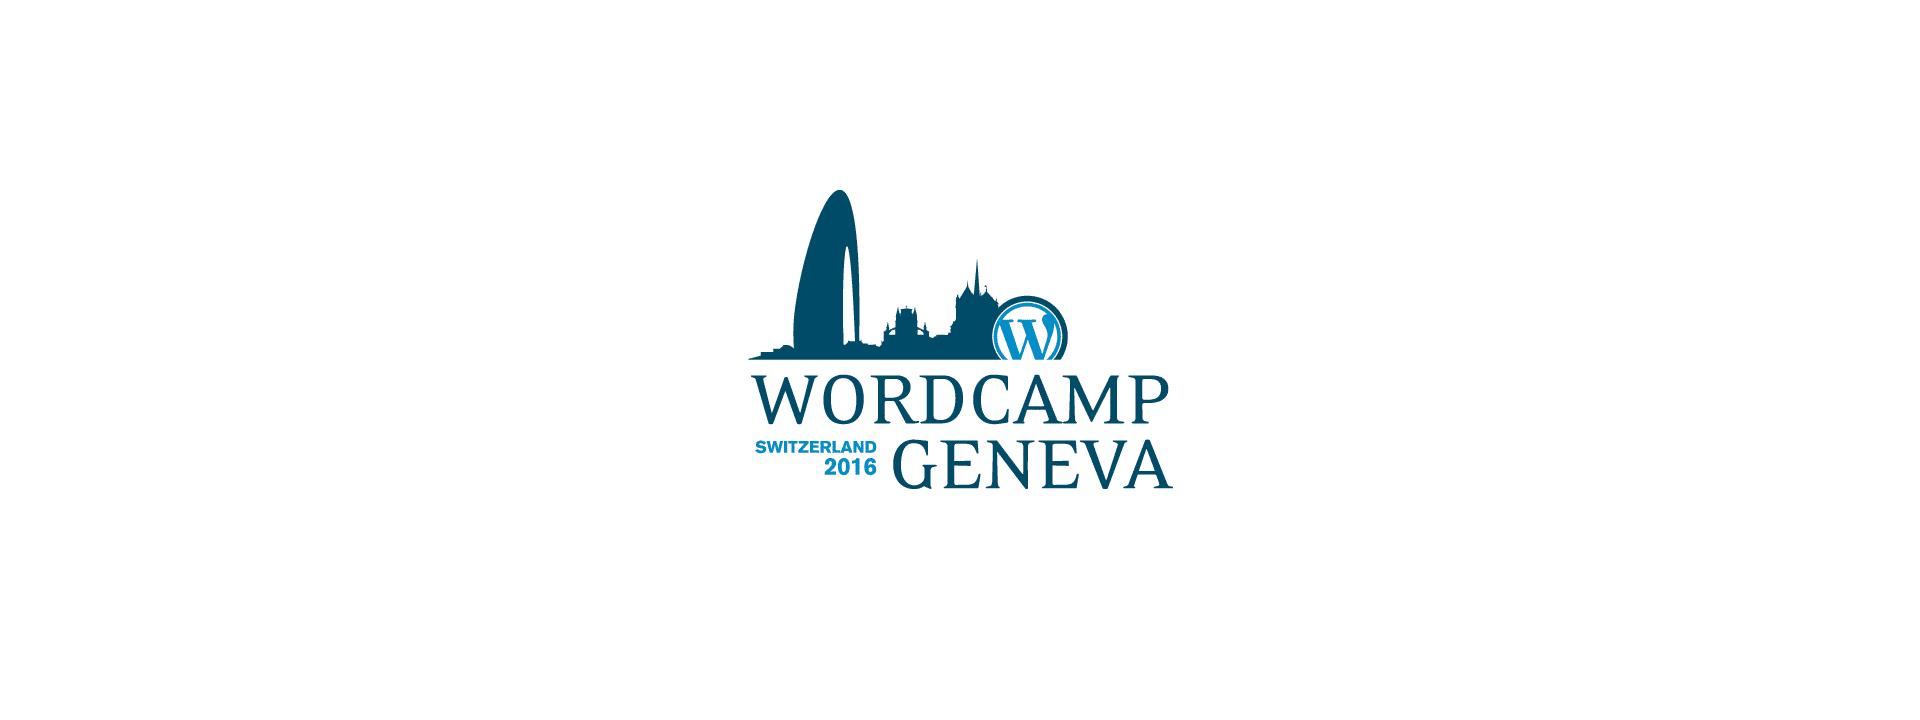 WordCamp Geneva 2016: Recap